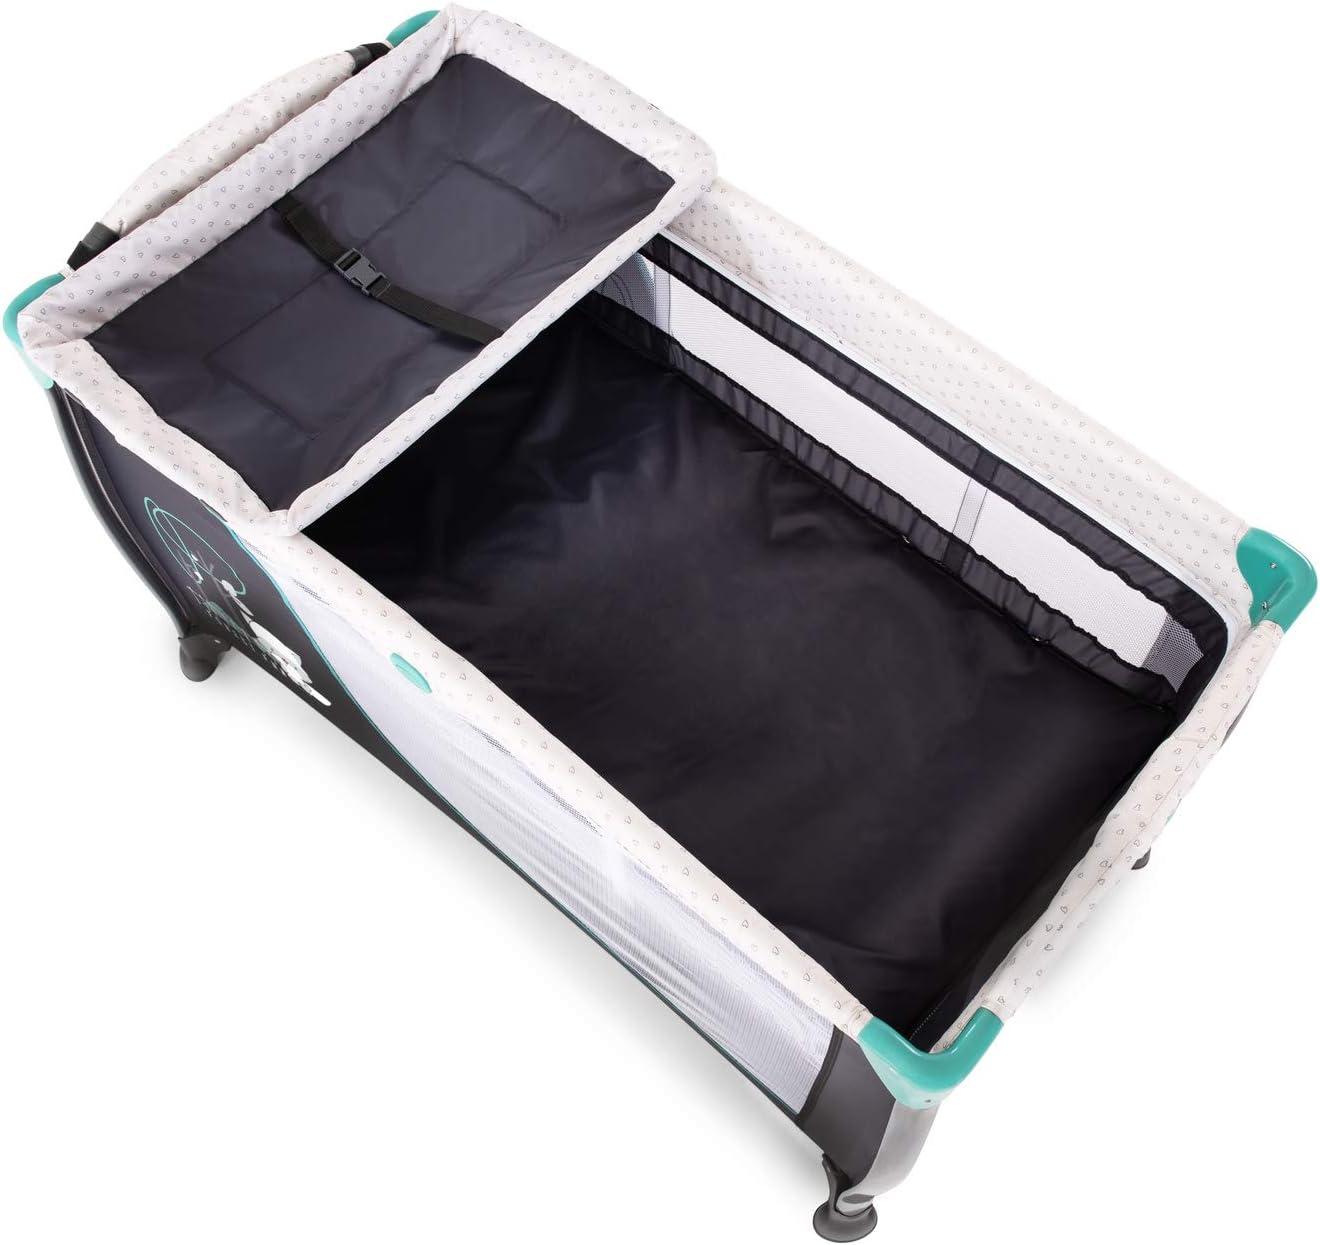 ventana Cuna de viaje 7piezas de 0 meses a 15 kg antivuelco cambiador bolso de red turquesa bolsa de transporte plegable Hauck Sleep N Play Center 3 ruedas doble altura para recien nacido